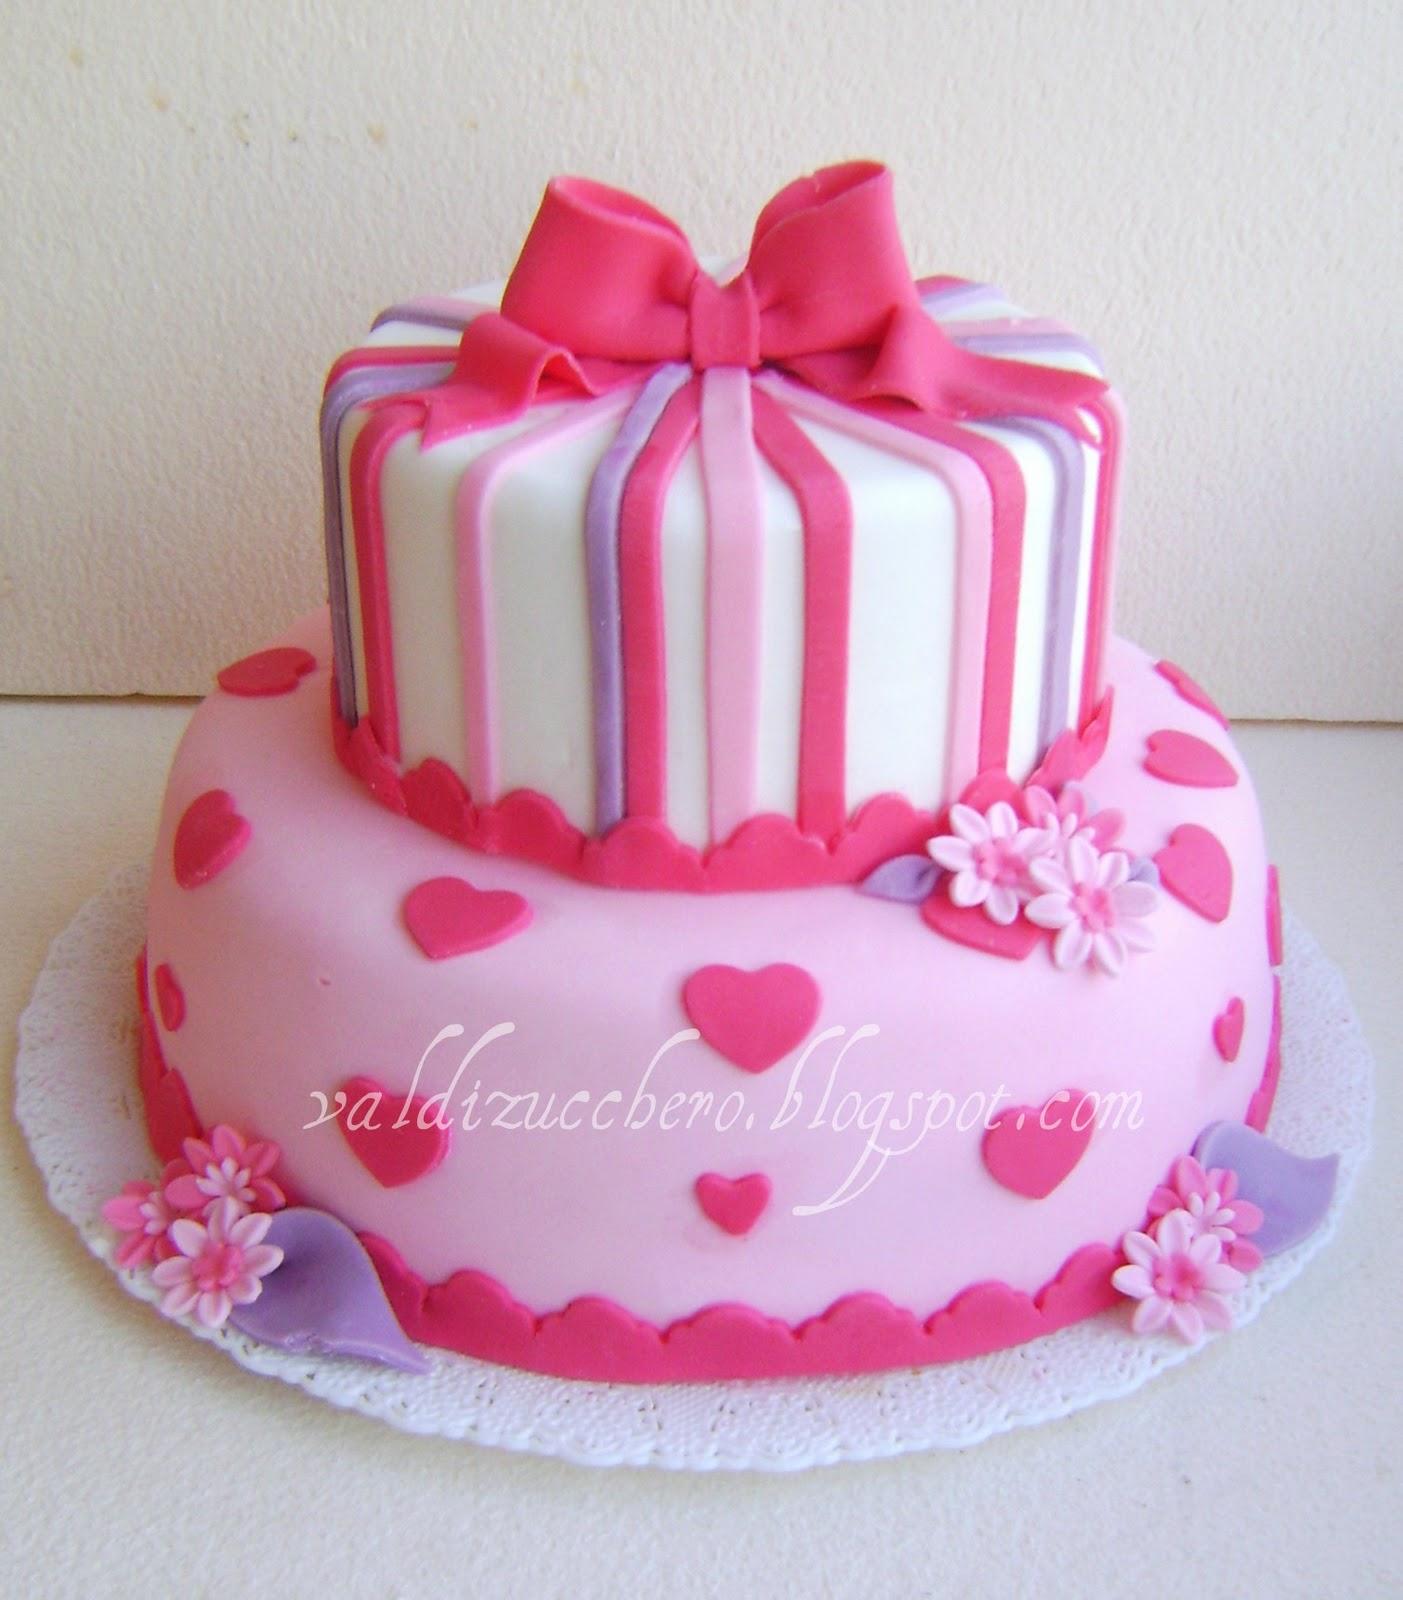 Val di zucchero un 39 altra torta a piani for Piani di coperta a 2 piani